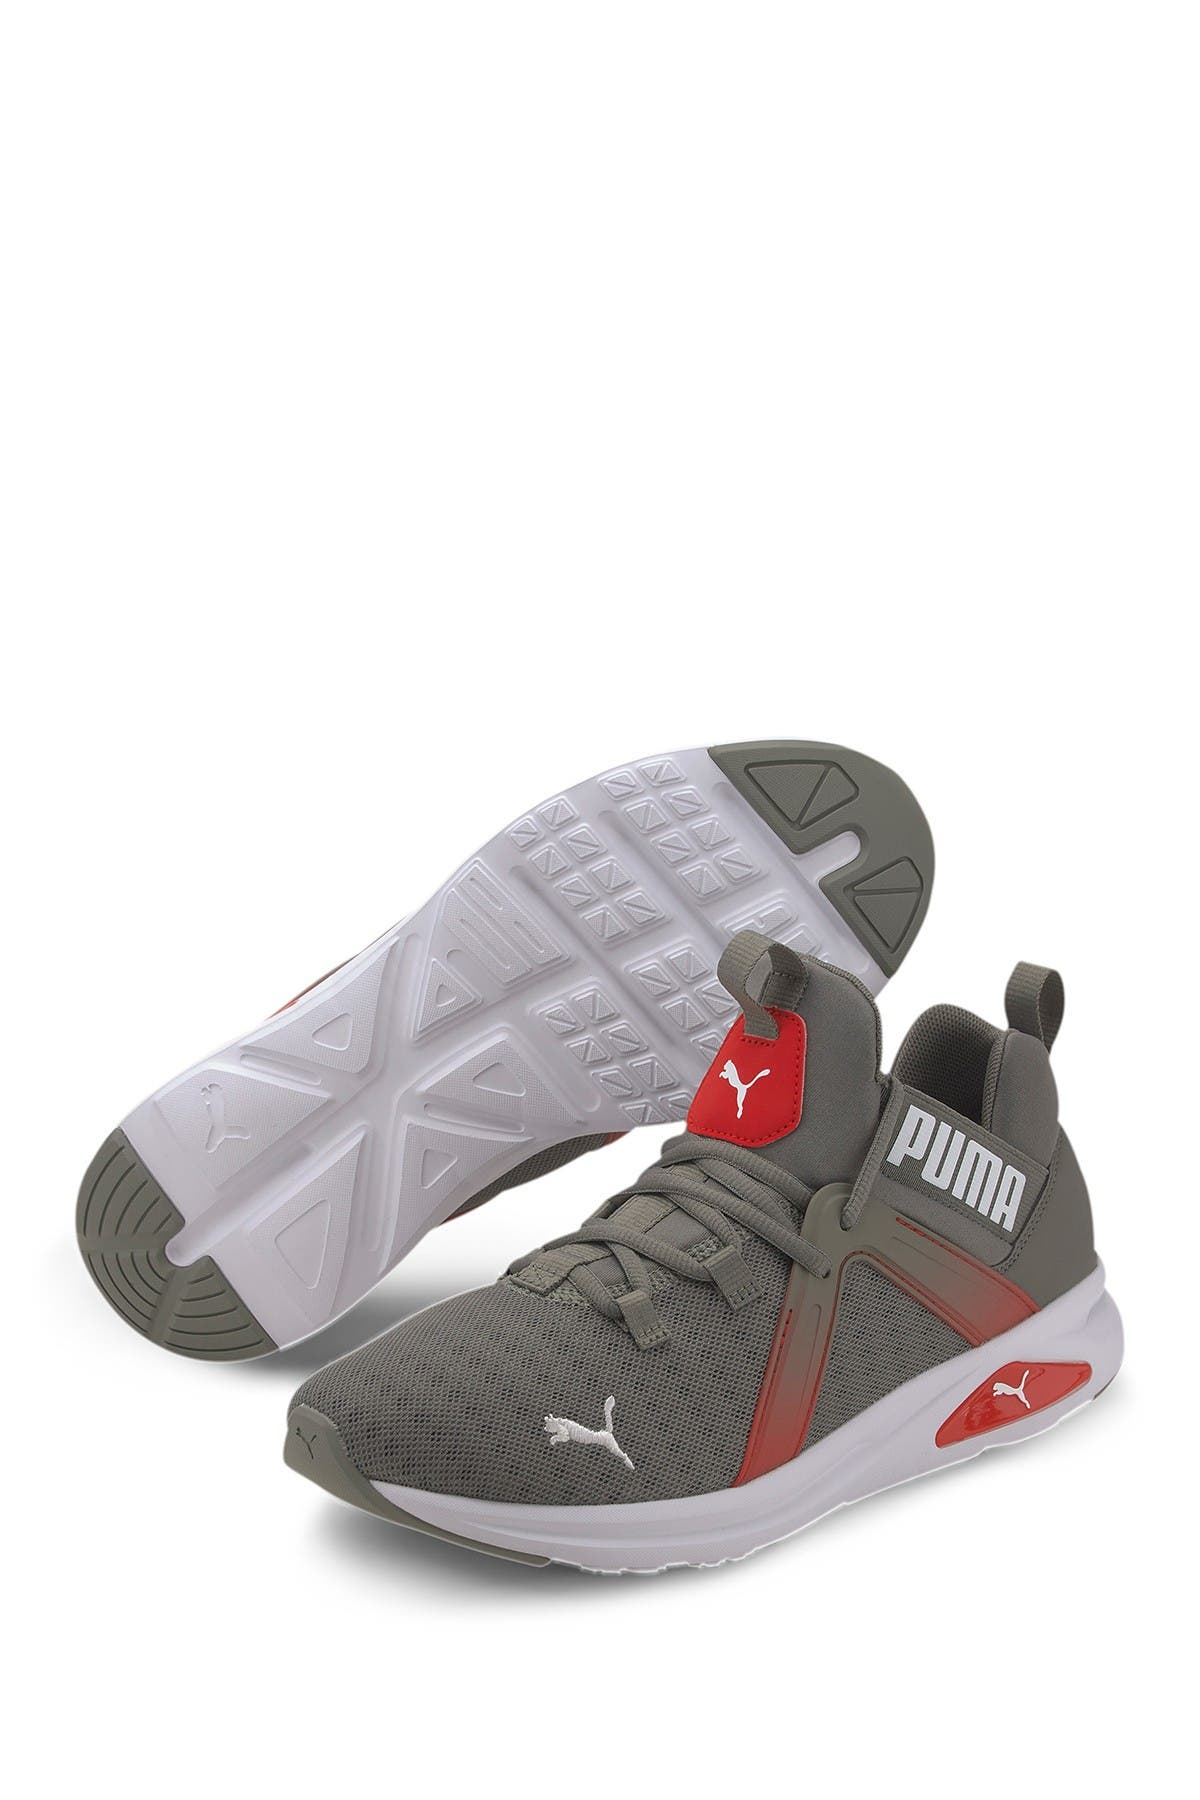 Image of PUMA Enzo 2 Fade Training Shoe